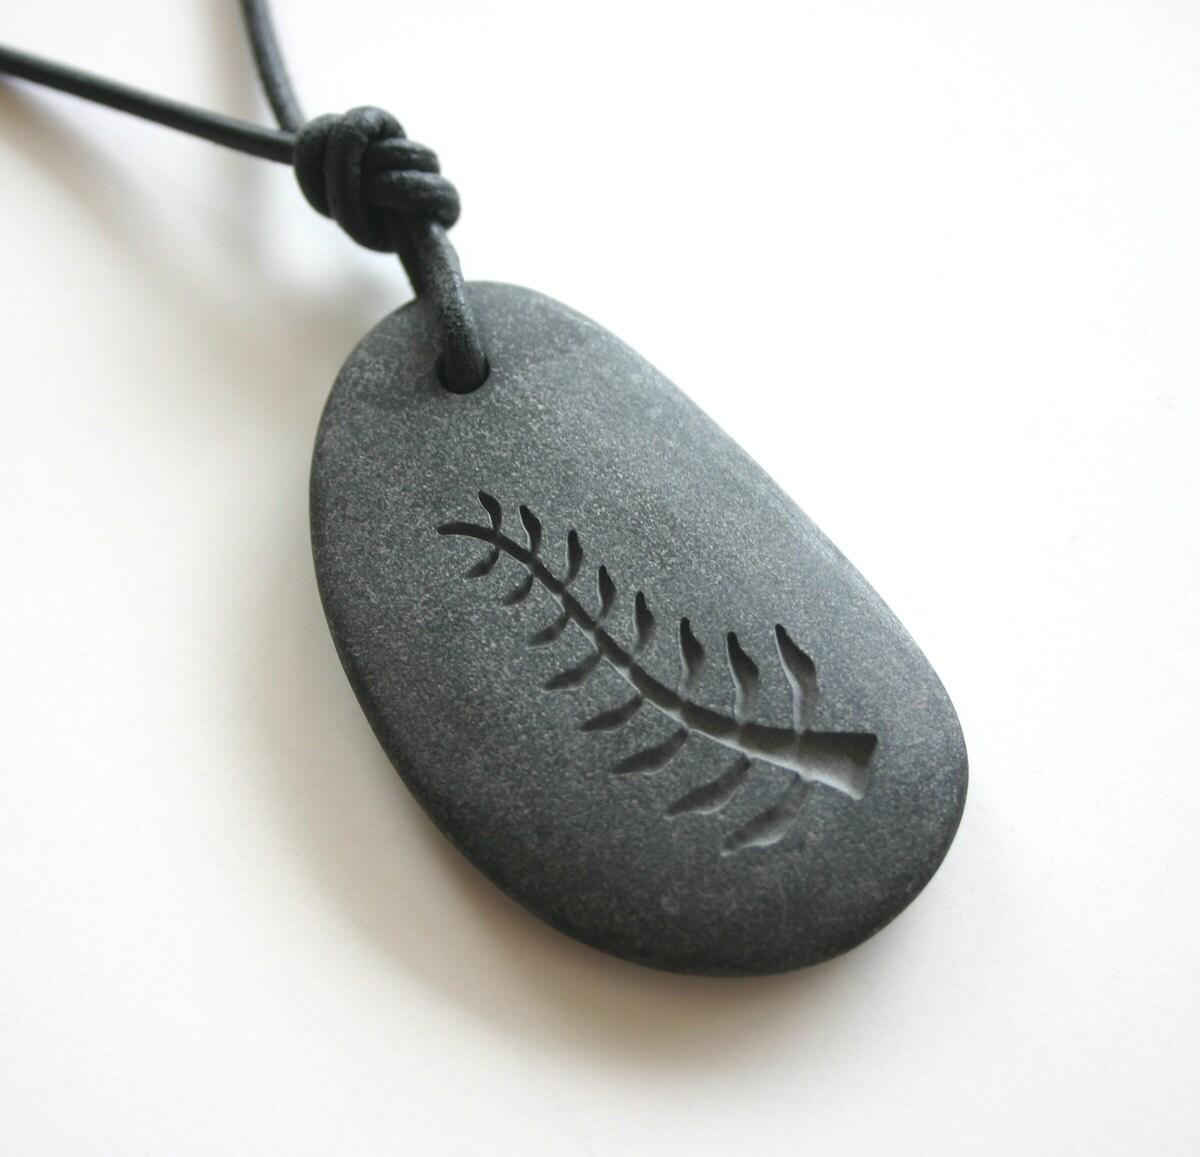 Nyame Nti Adinkra Symbol Engraved Black Stone Gemstone Necklace - MonkeysJewels